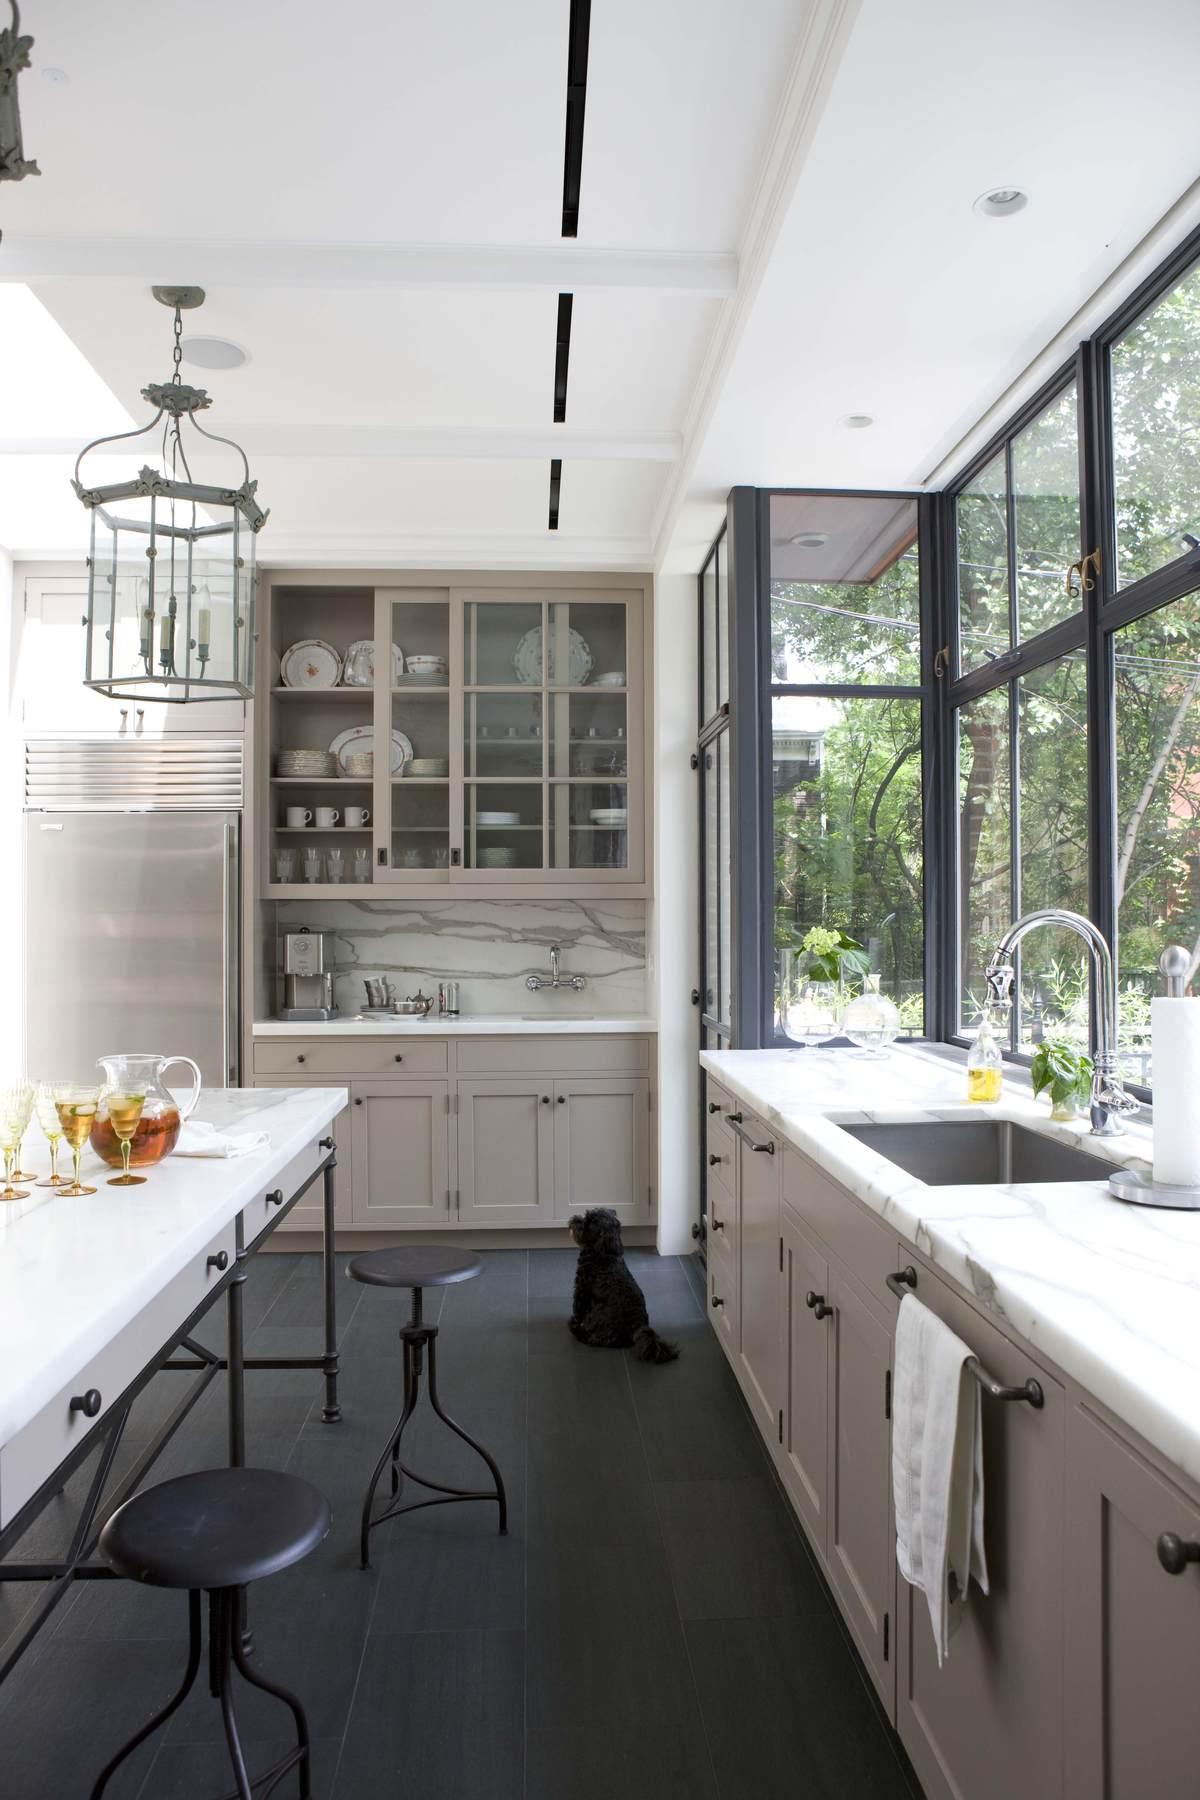 Кухня на балконе: фото дизайна интерьера.